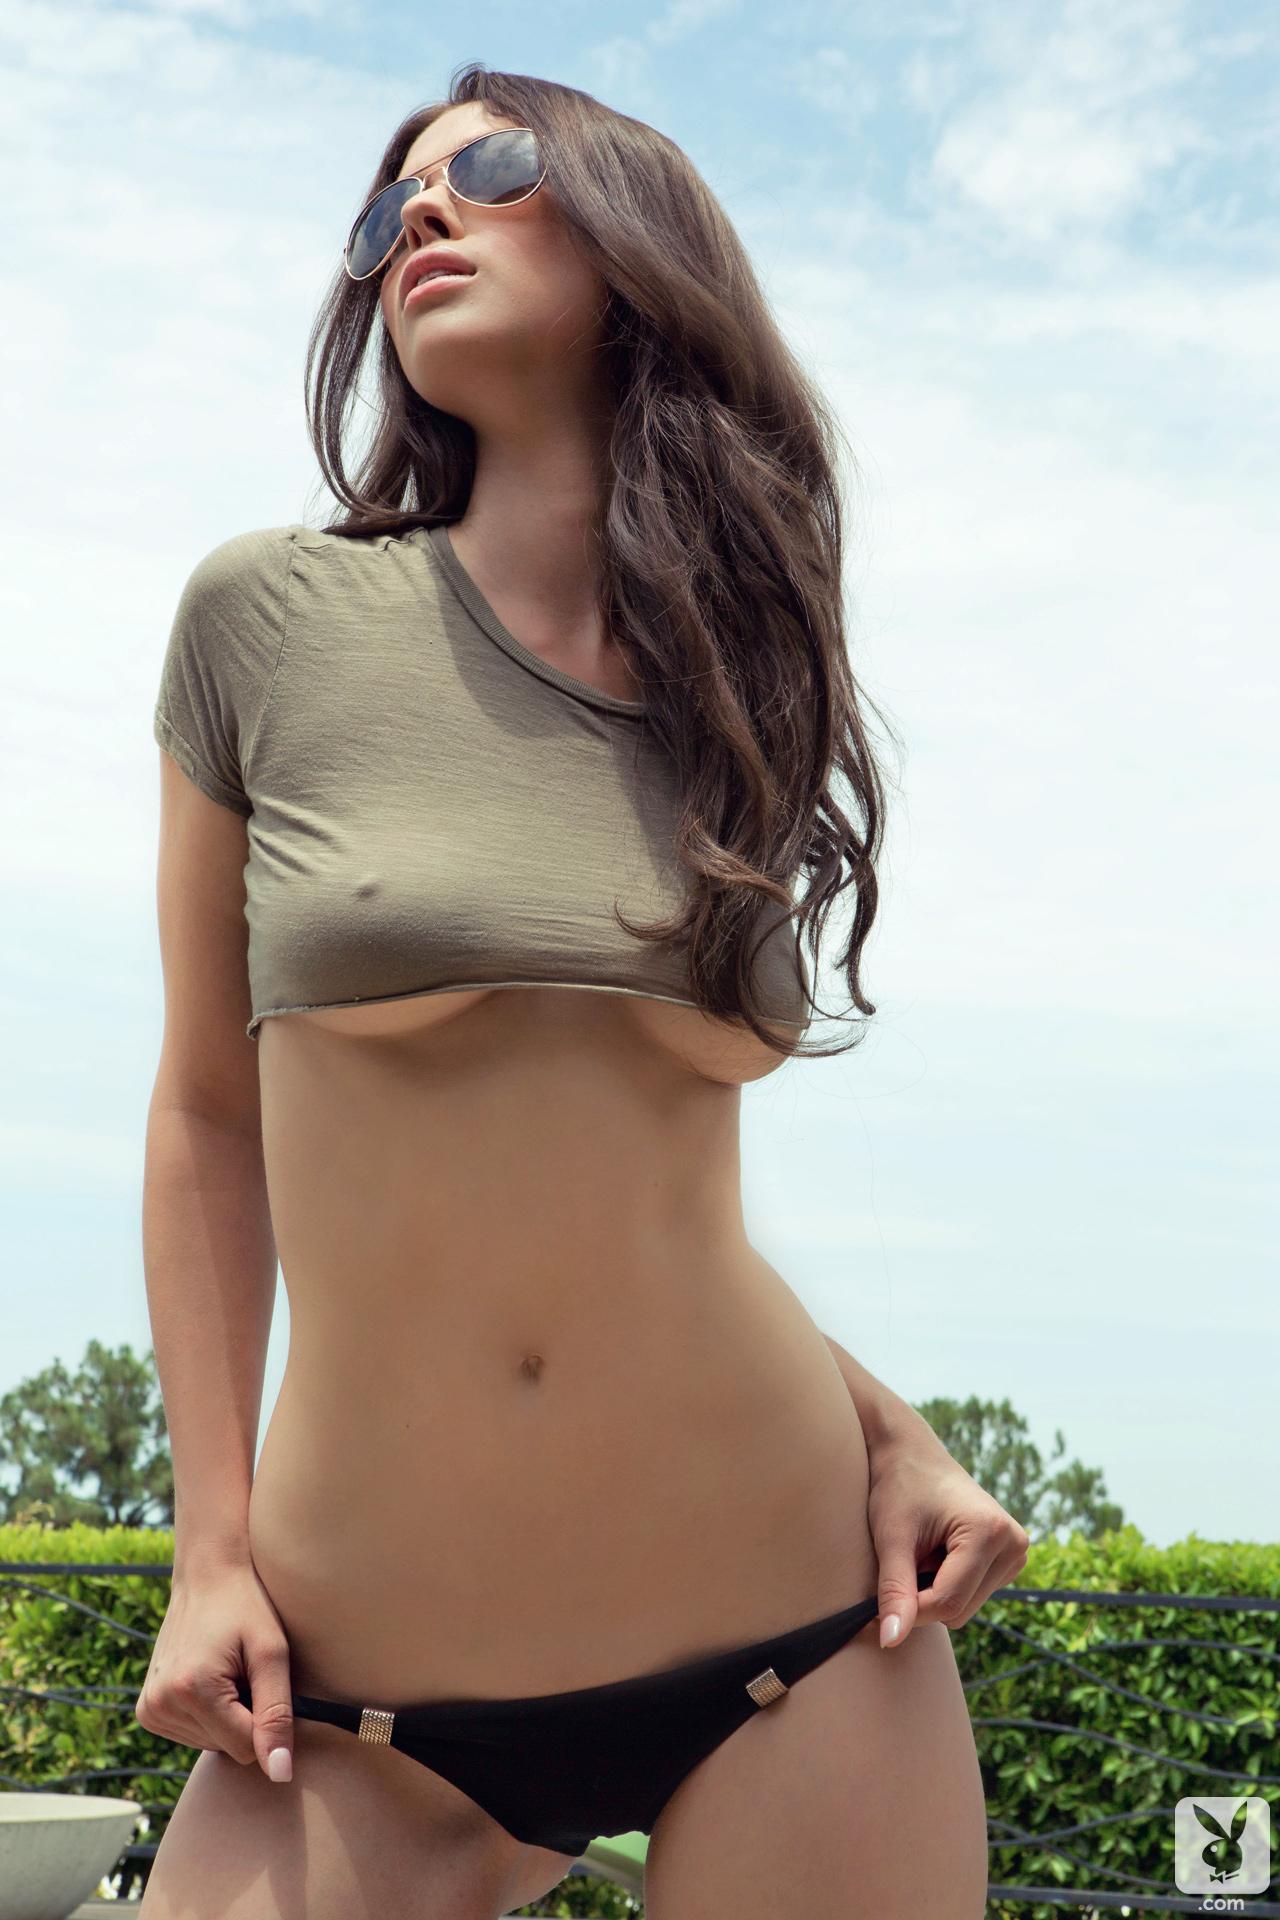 Фото красивая молодая грудь девушек 13 фотография